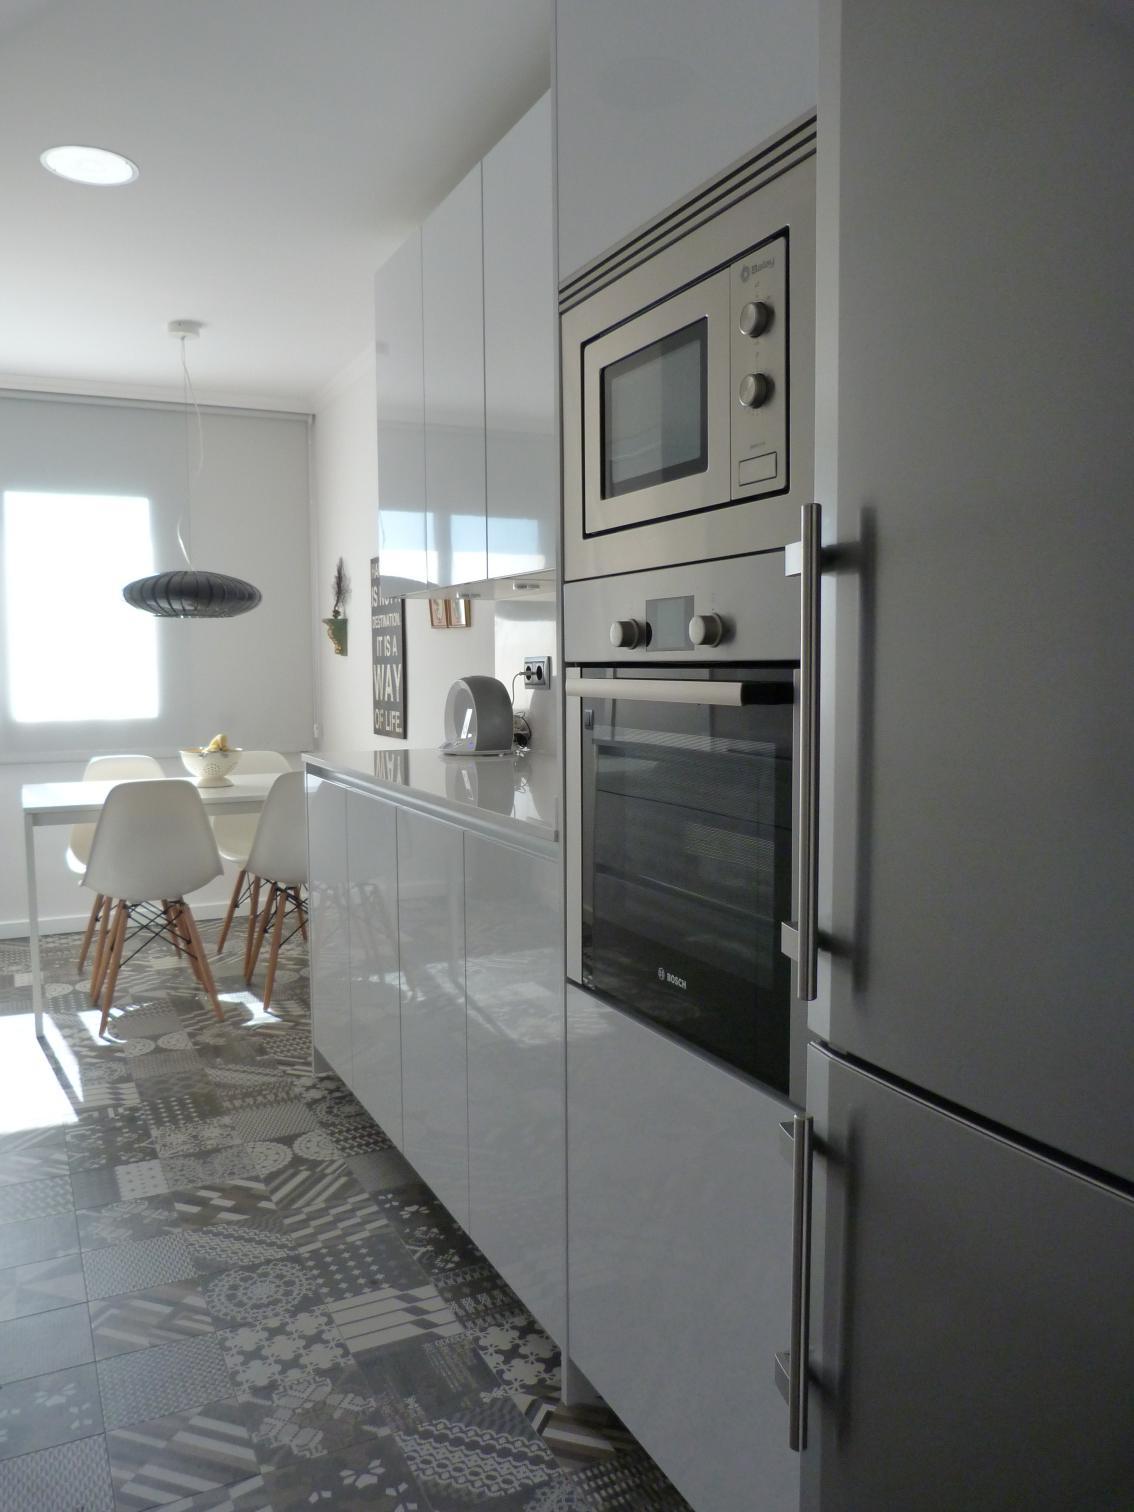 Hogar diez c mo reformar una cocina peque a con xito - Reformas cocinas pequenas ...